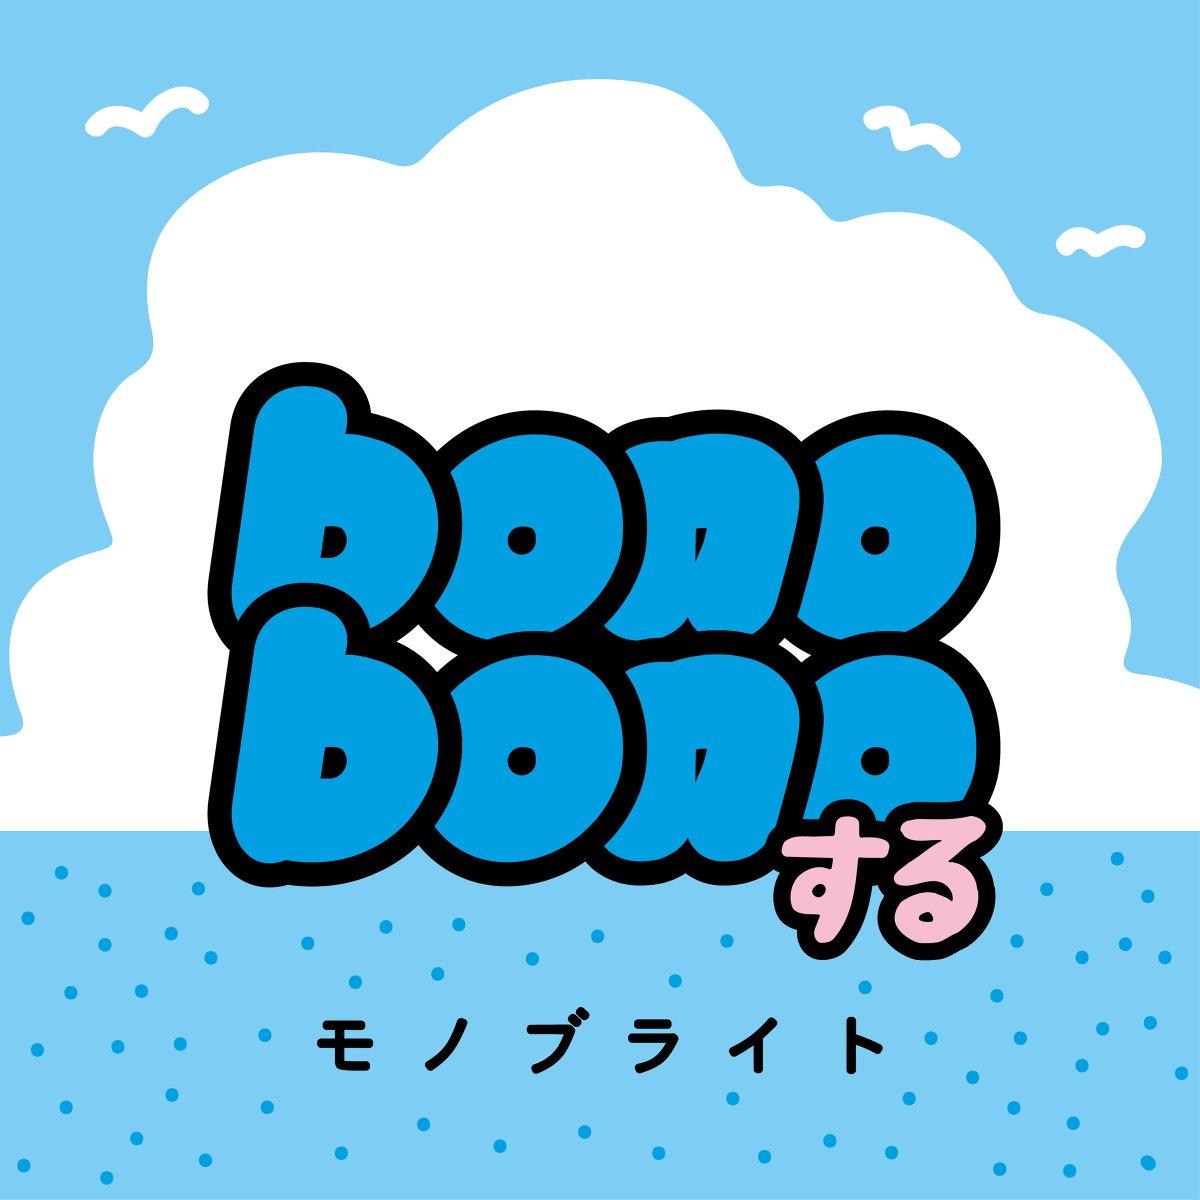 ぼのぼの第2作目より「bonobonoする」です#オタクラジオ